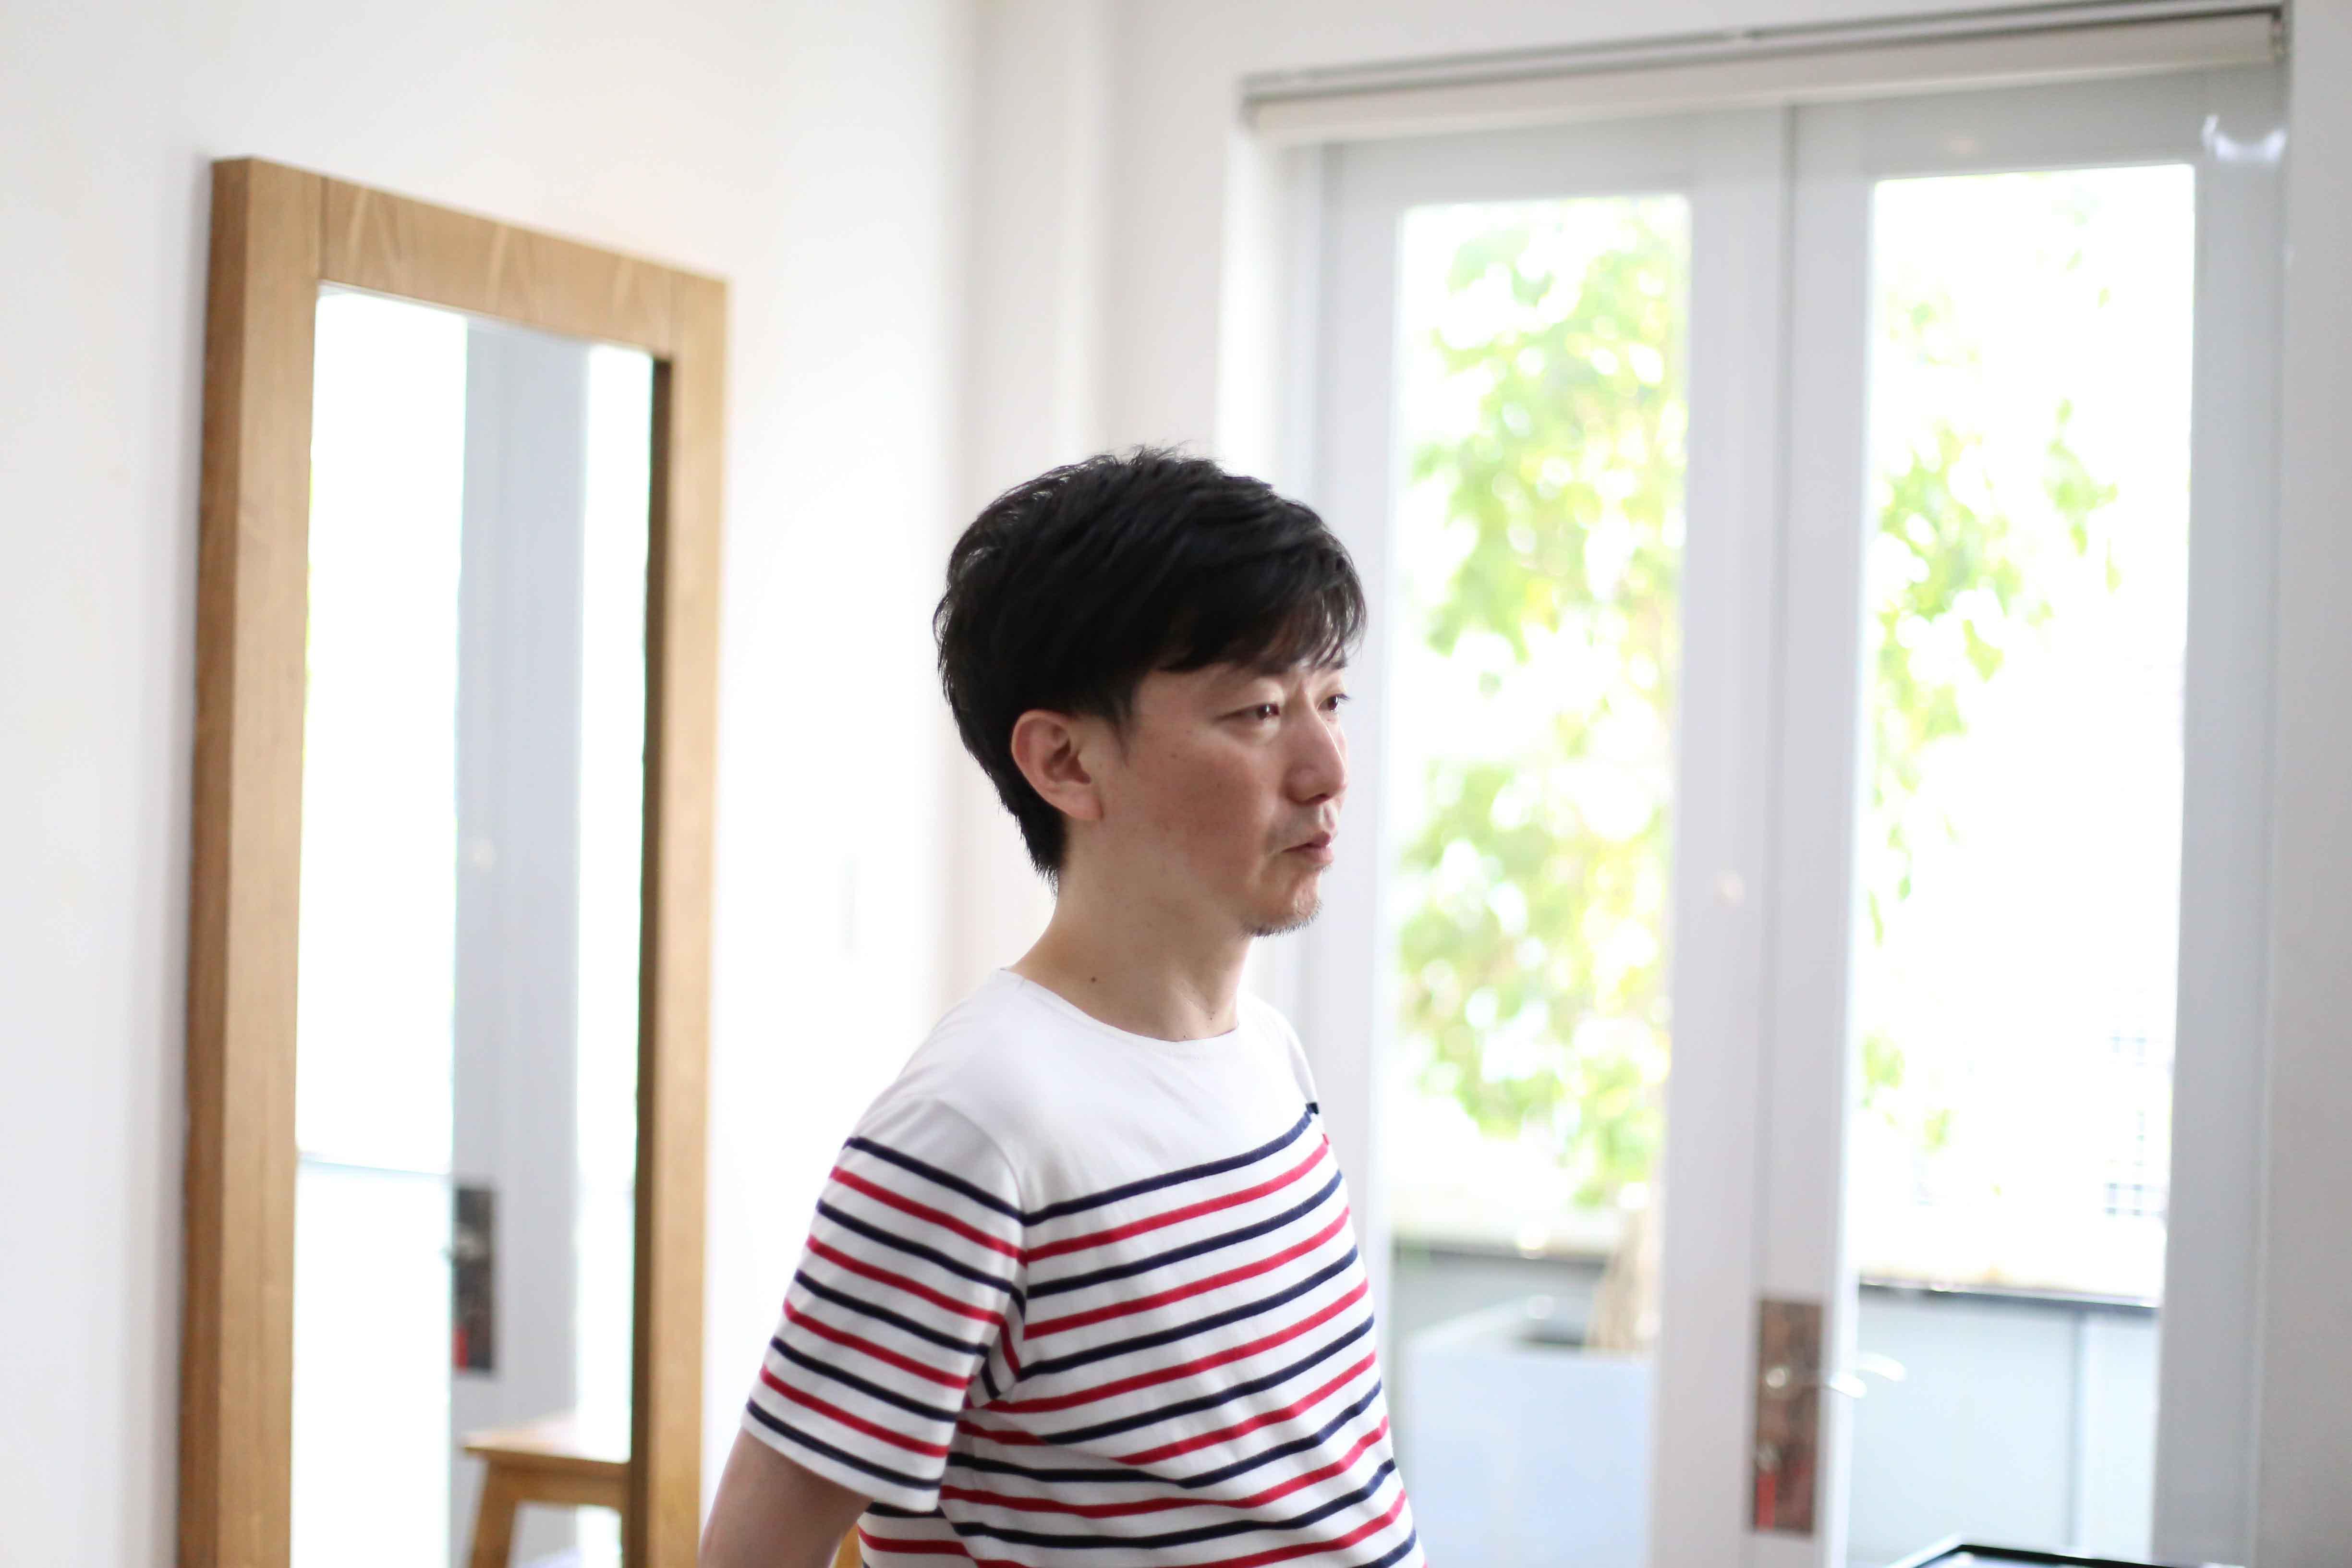 ベトナム ホーチミン 日系美容室 umboo アンブー 海外美容室 海外就職 東南アジア 日本人美容室 募集 中途 スタイリスト